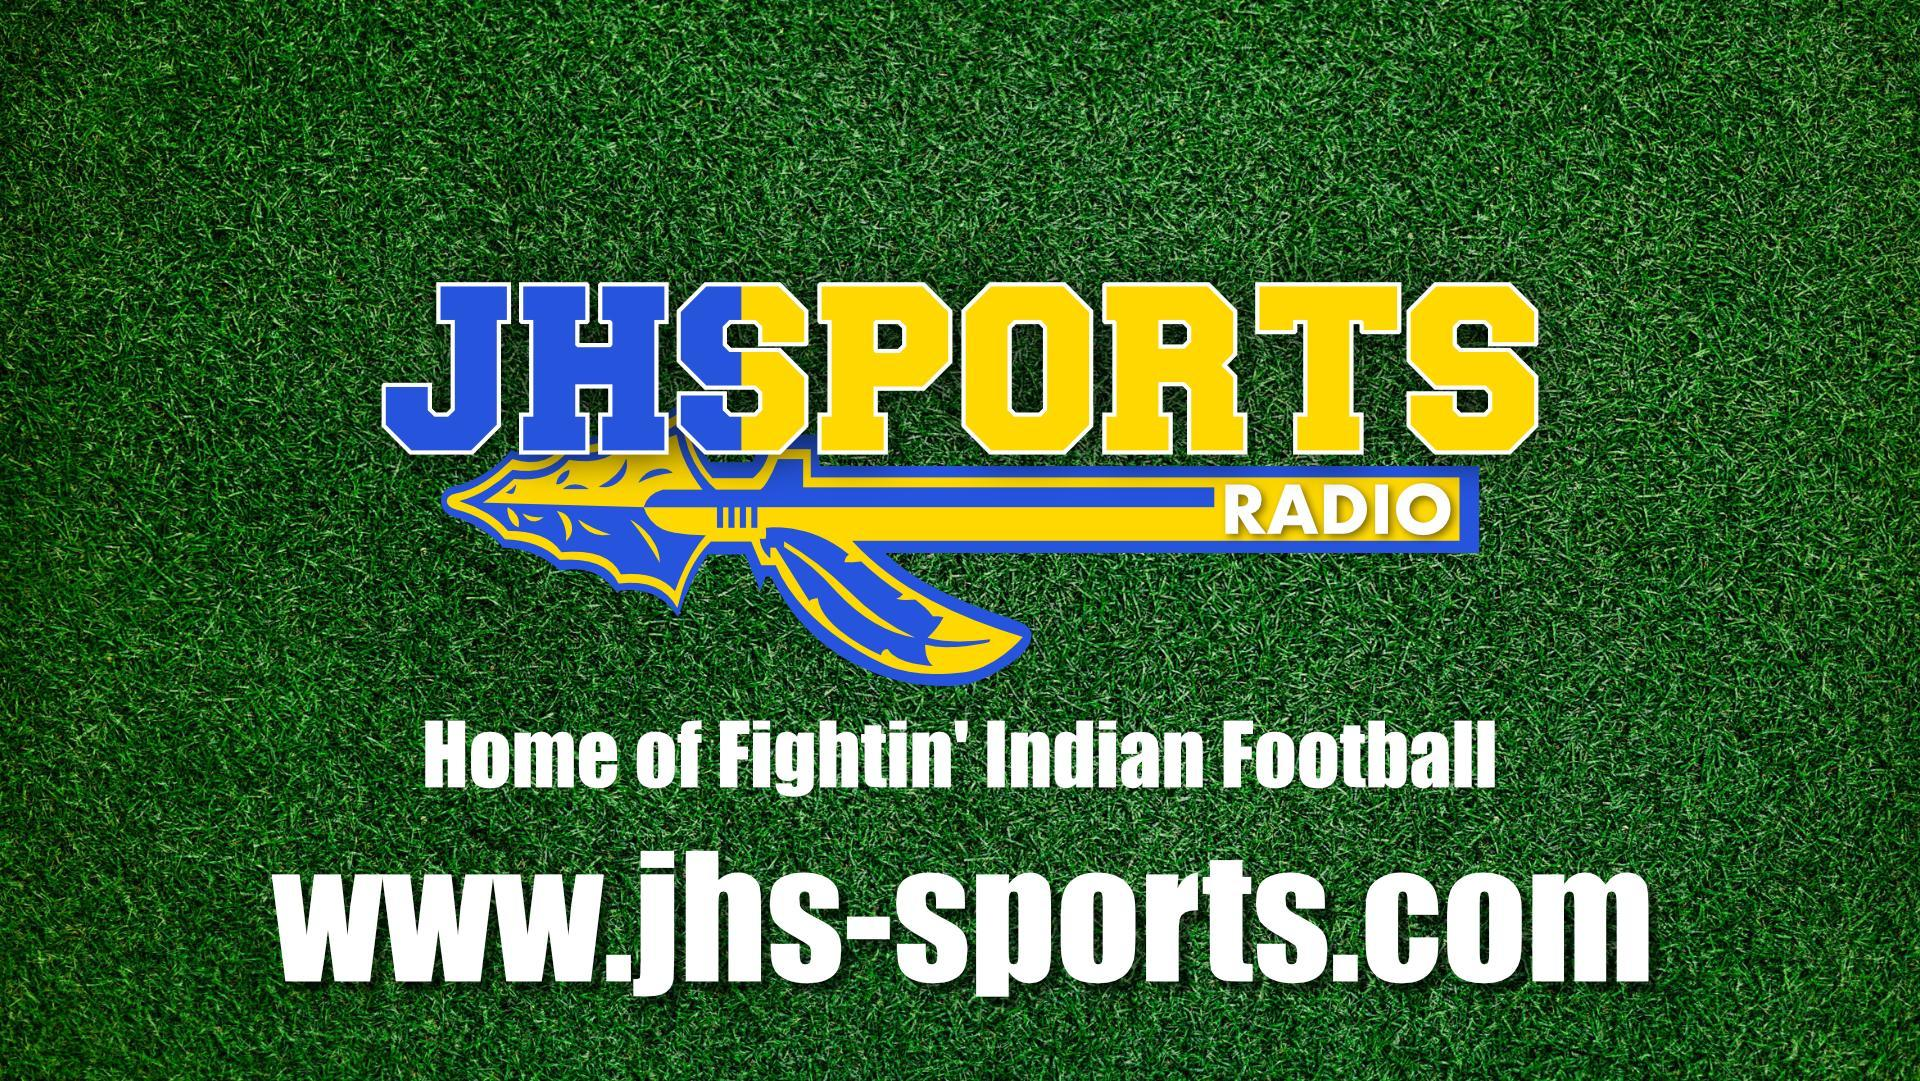 jhs sports logo